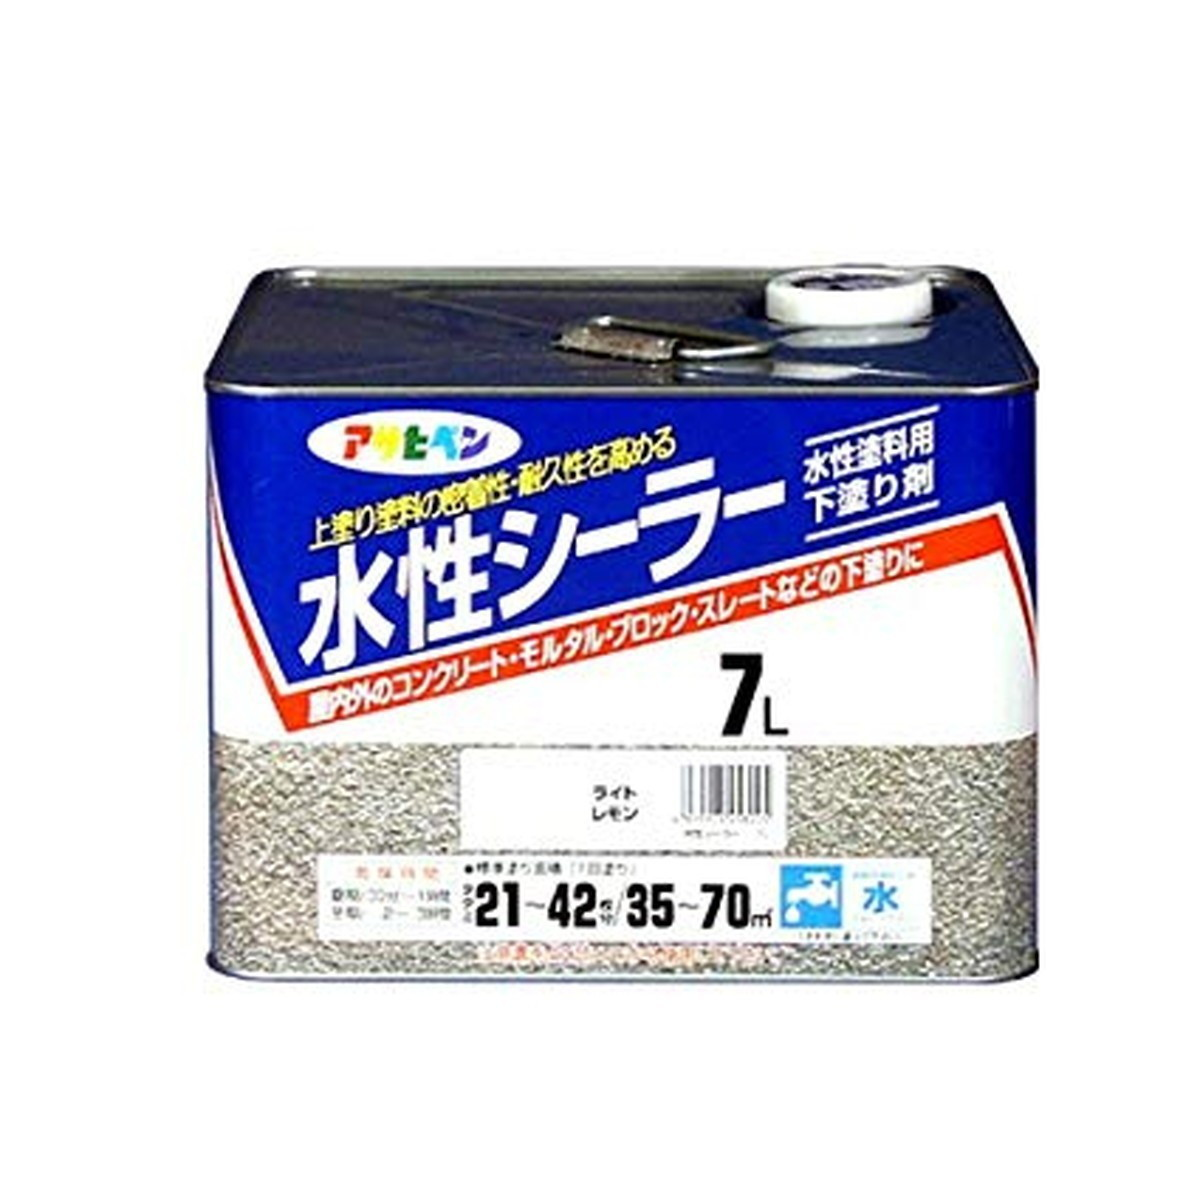 アサヒペン 水性シーラー ライトレモン 7L【クーポン配布中】